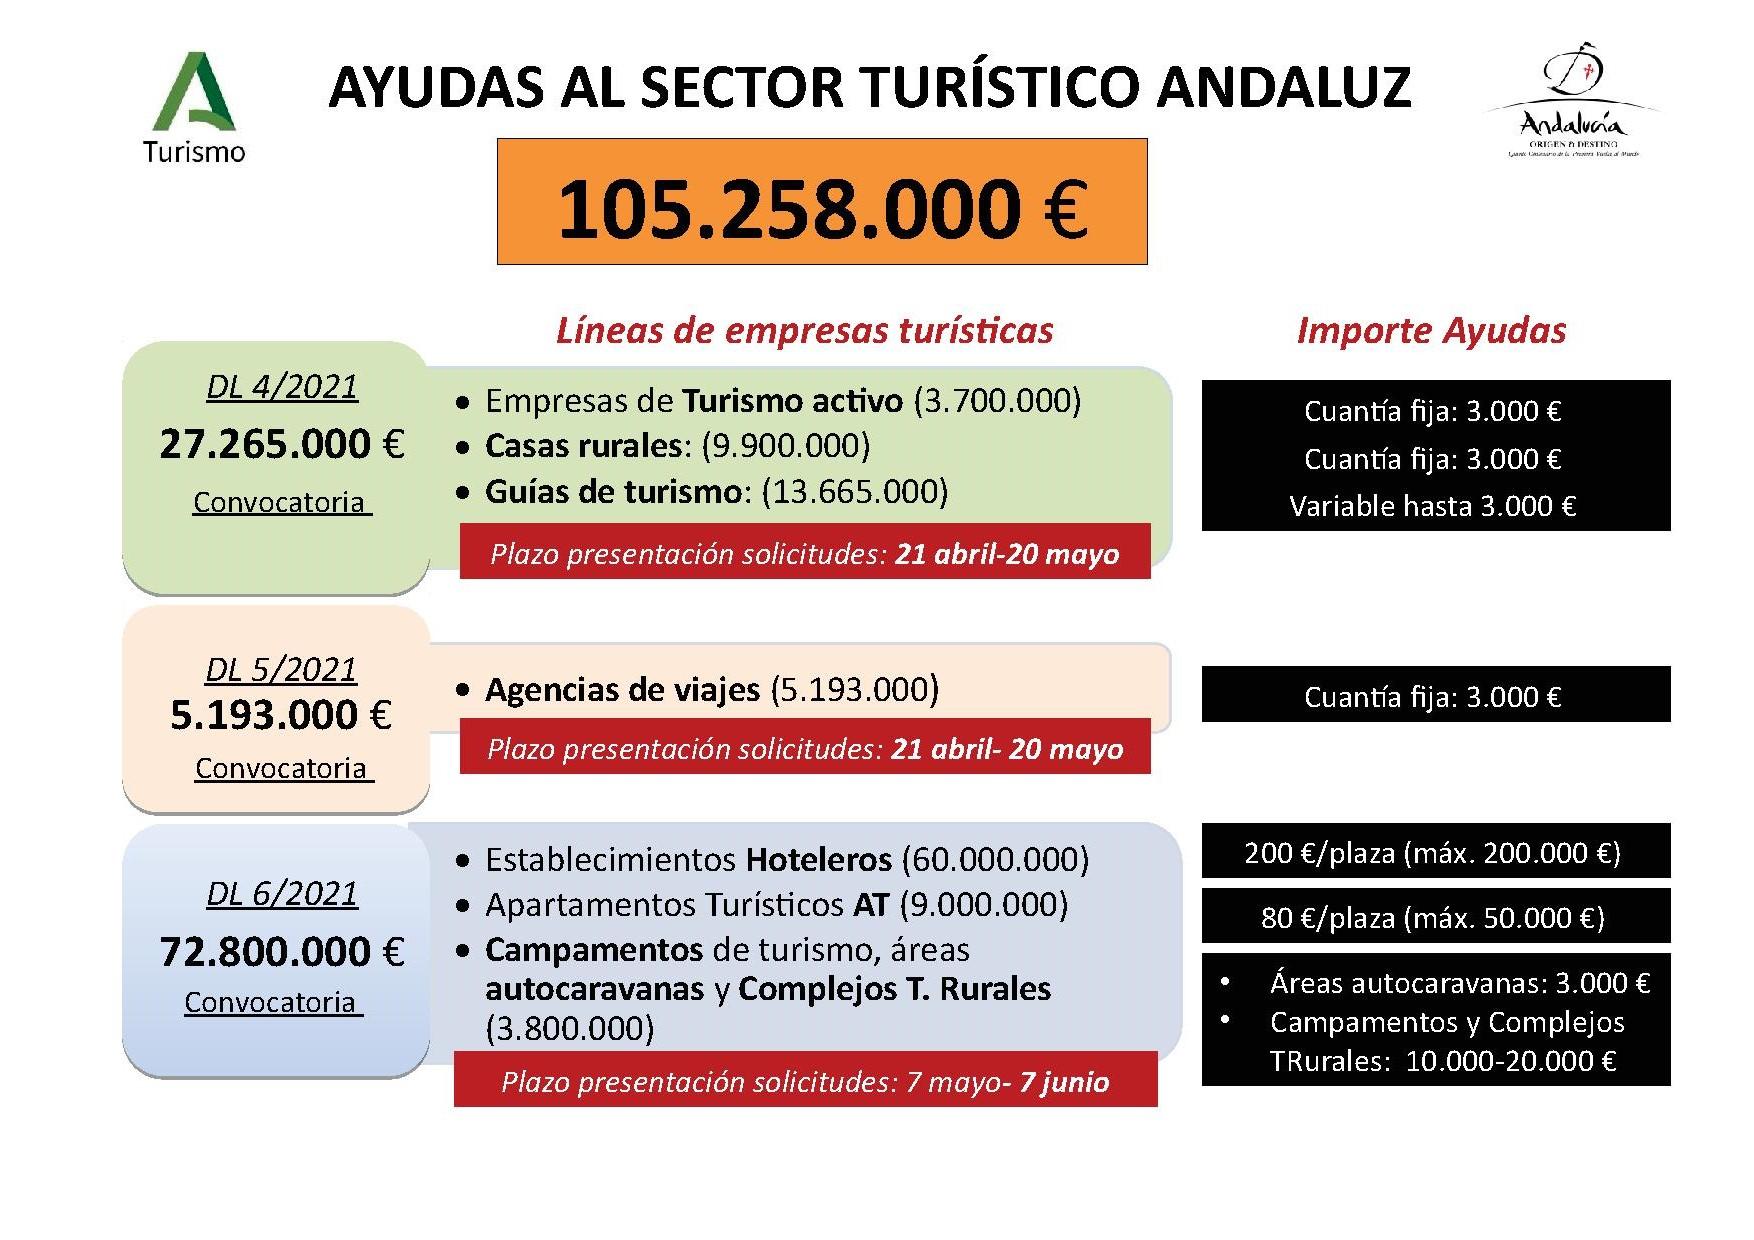 ayudas al turismo andaluz